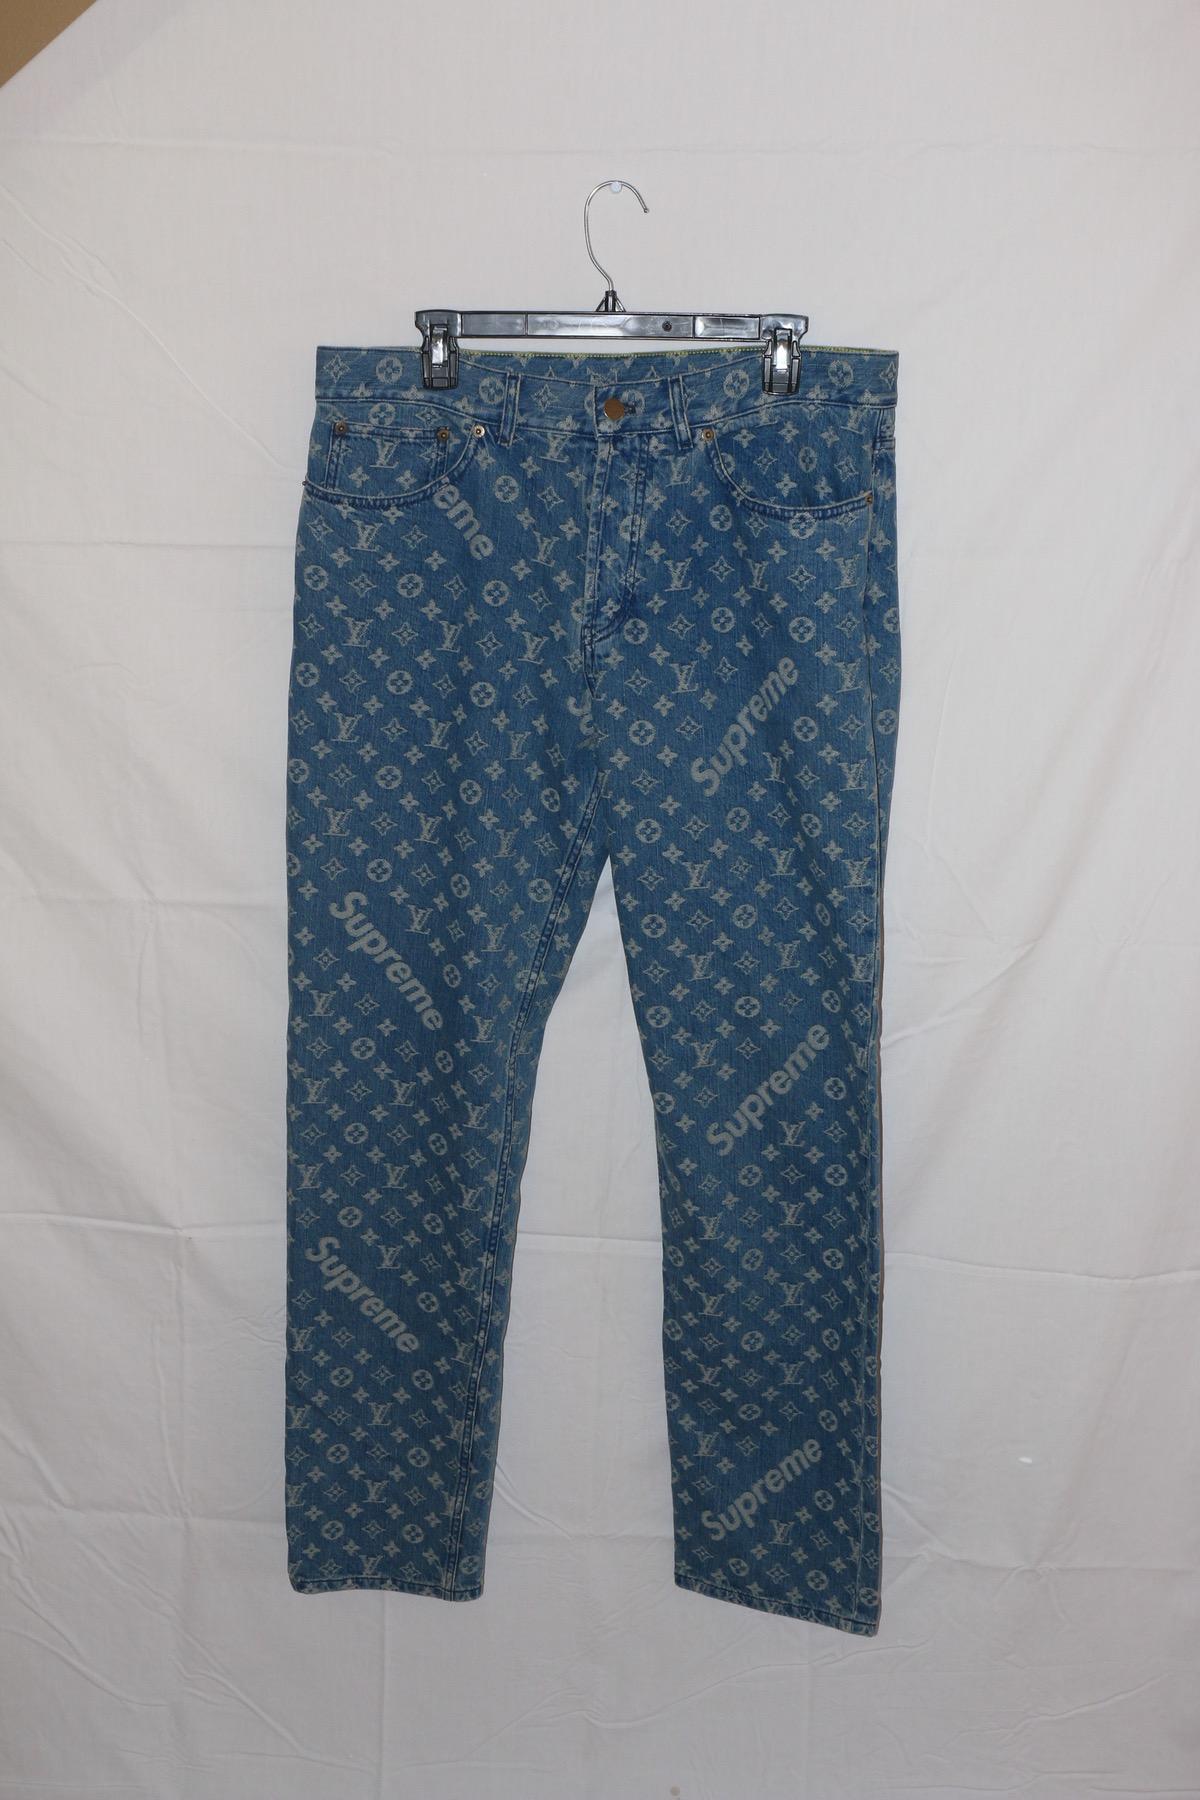 Supreme Louis Vuitton Denim Jeans